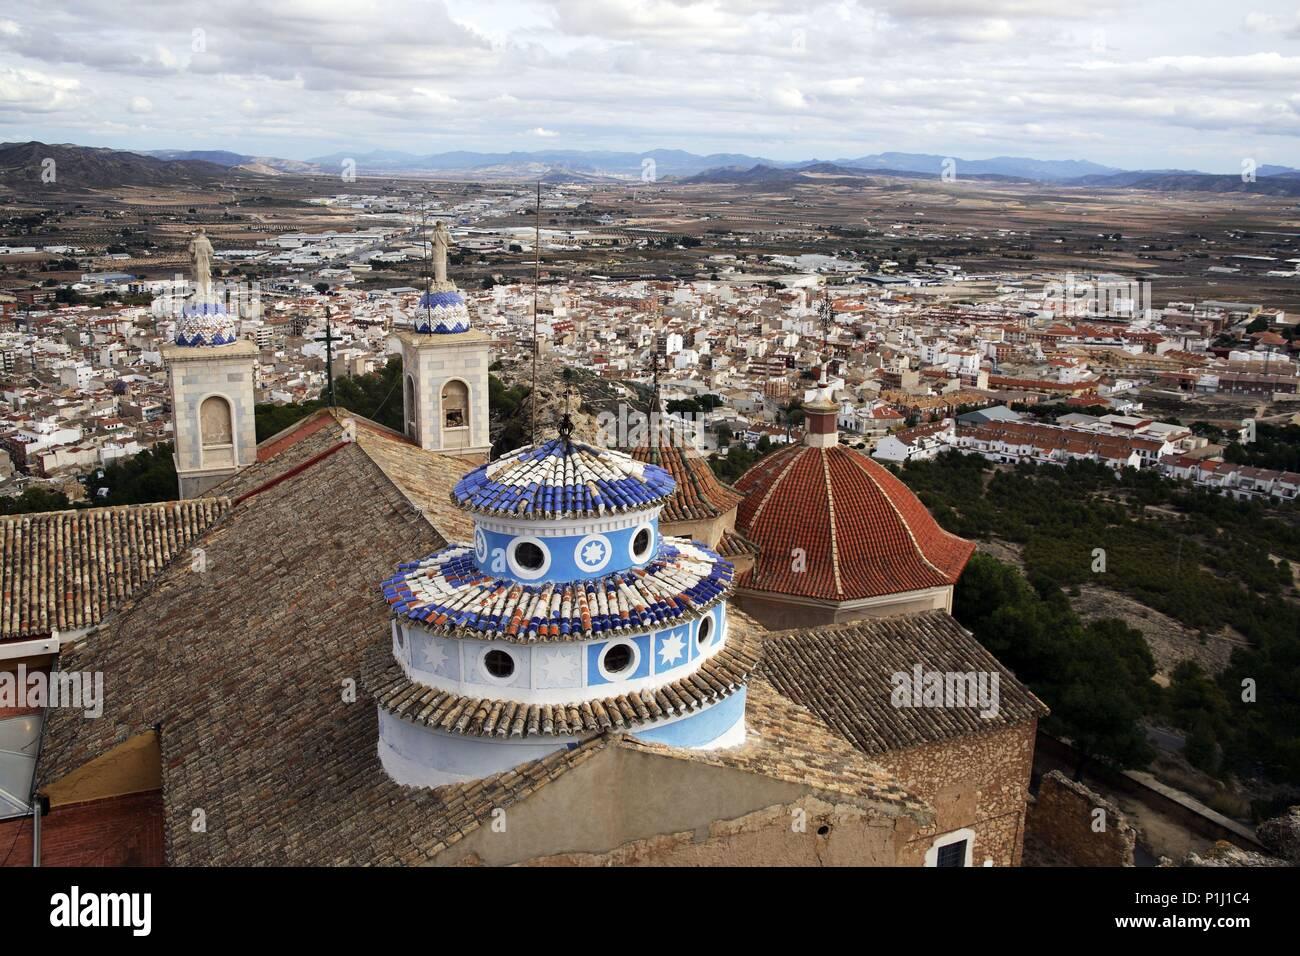 SPAIN - El Altiplano (district) - MURCIA. Yecla; Santuario del castillo (donde se celebra 'La Alborada' cada 7 de diciembre); ciudad al fondo. - Stock Image